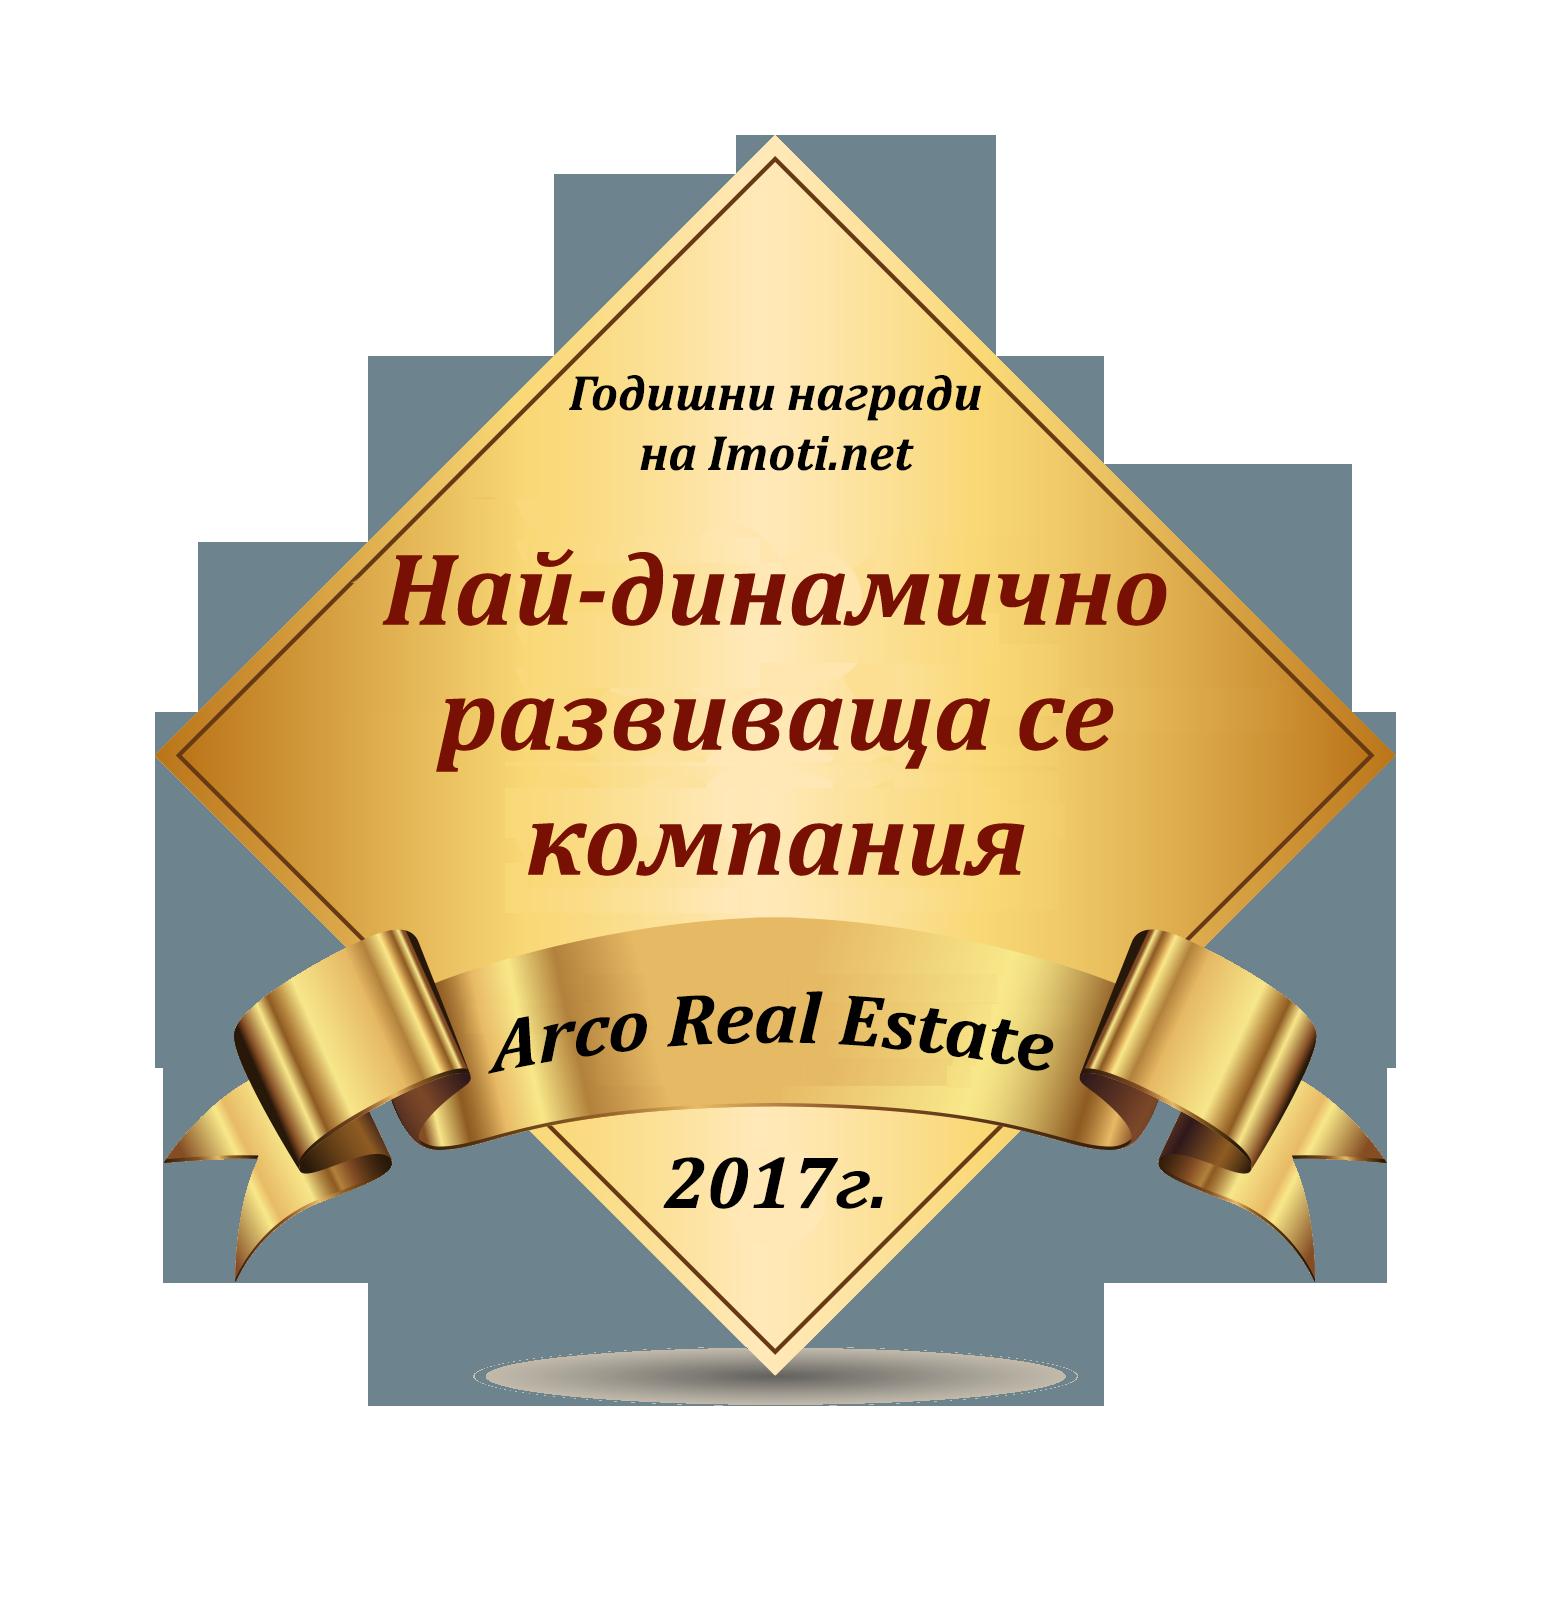 Arco Real Estate - агенция за недвижими имоти